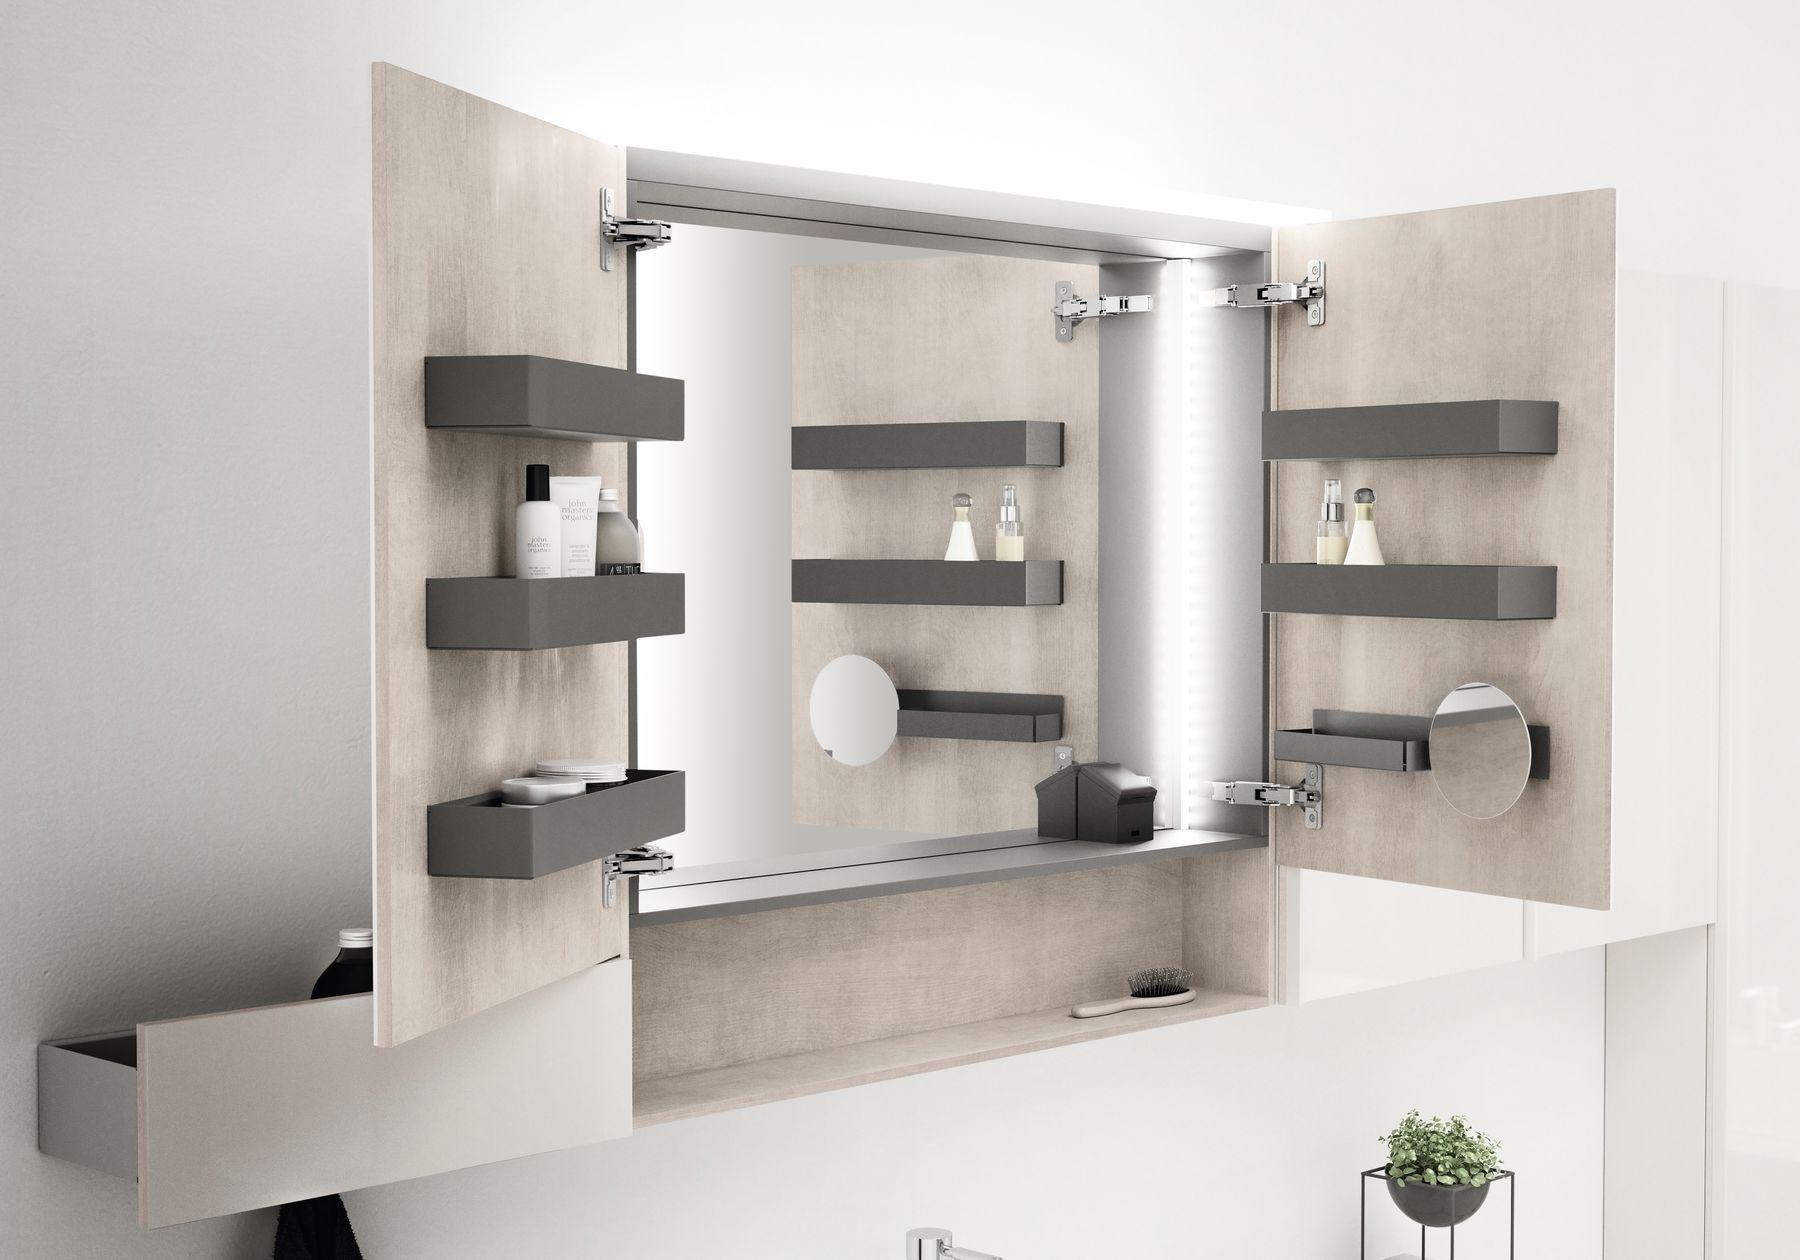 Badkamer Spiegelkast 100cm : Schneider badkamer spiegelkast overweldigende wandspiegel met